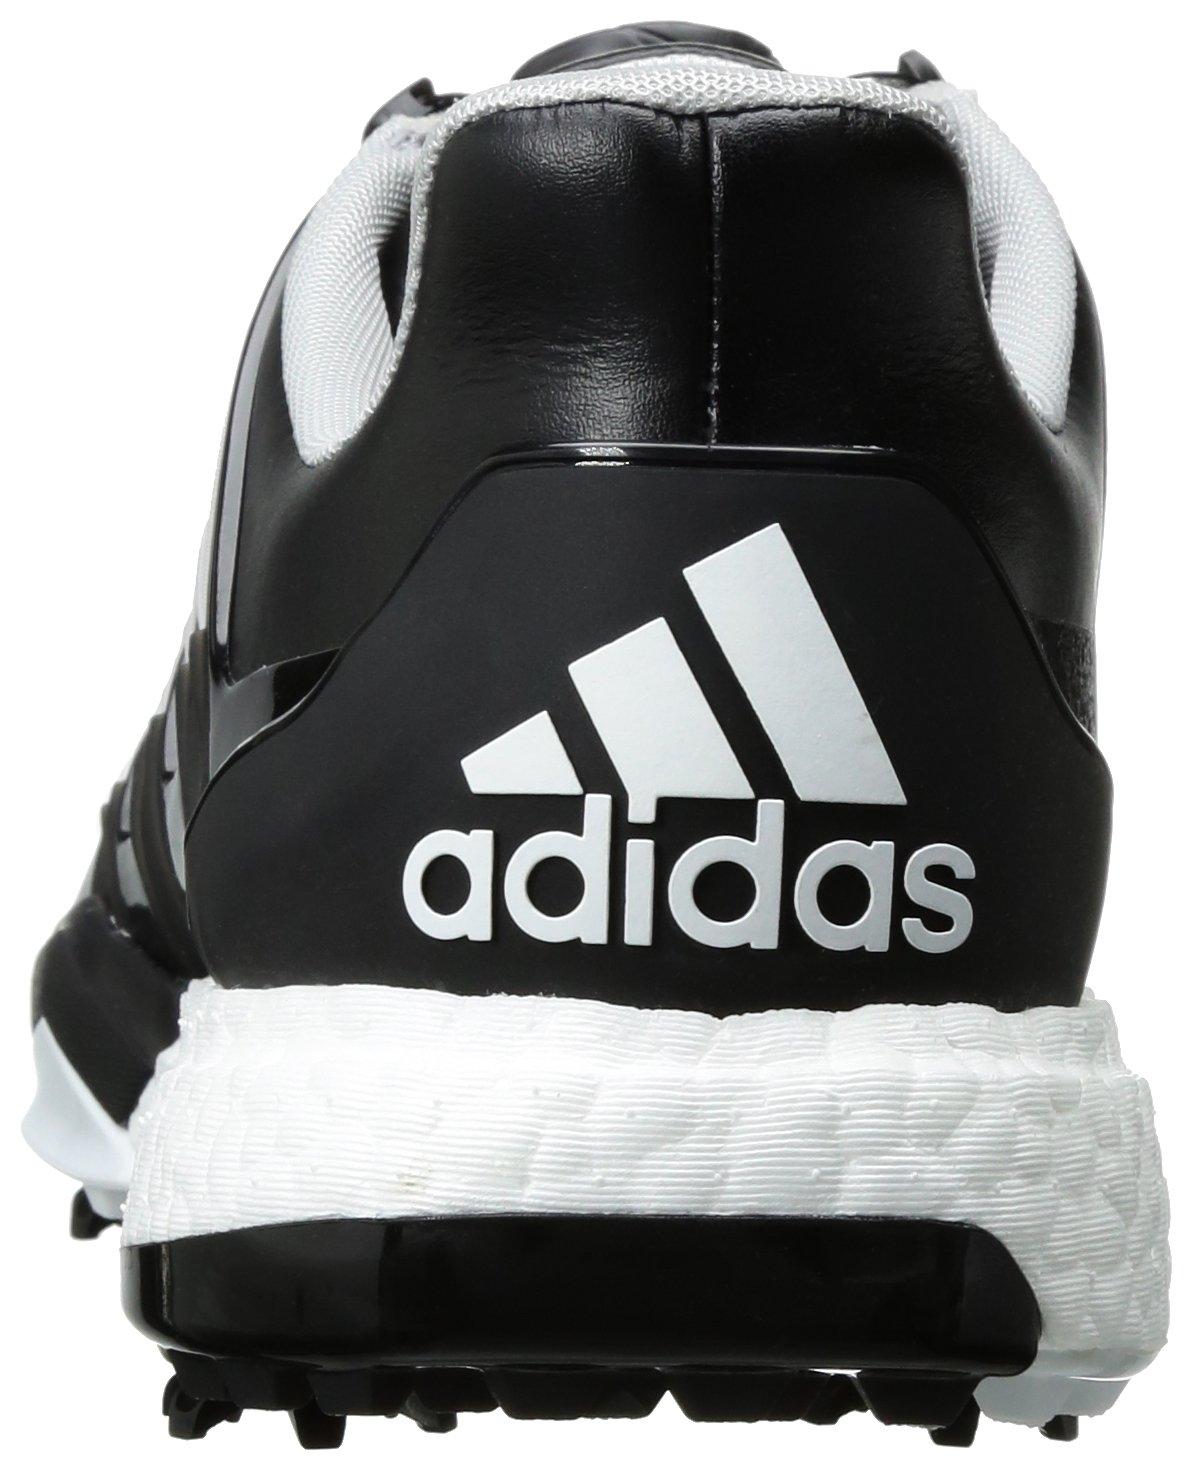 promo code a163a f3a7a Zapatillas de golf adidas Powerband Boa Boost Núcleo Negro   Blanco